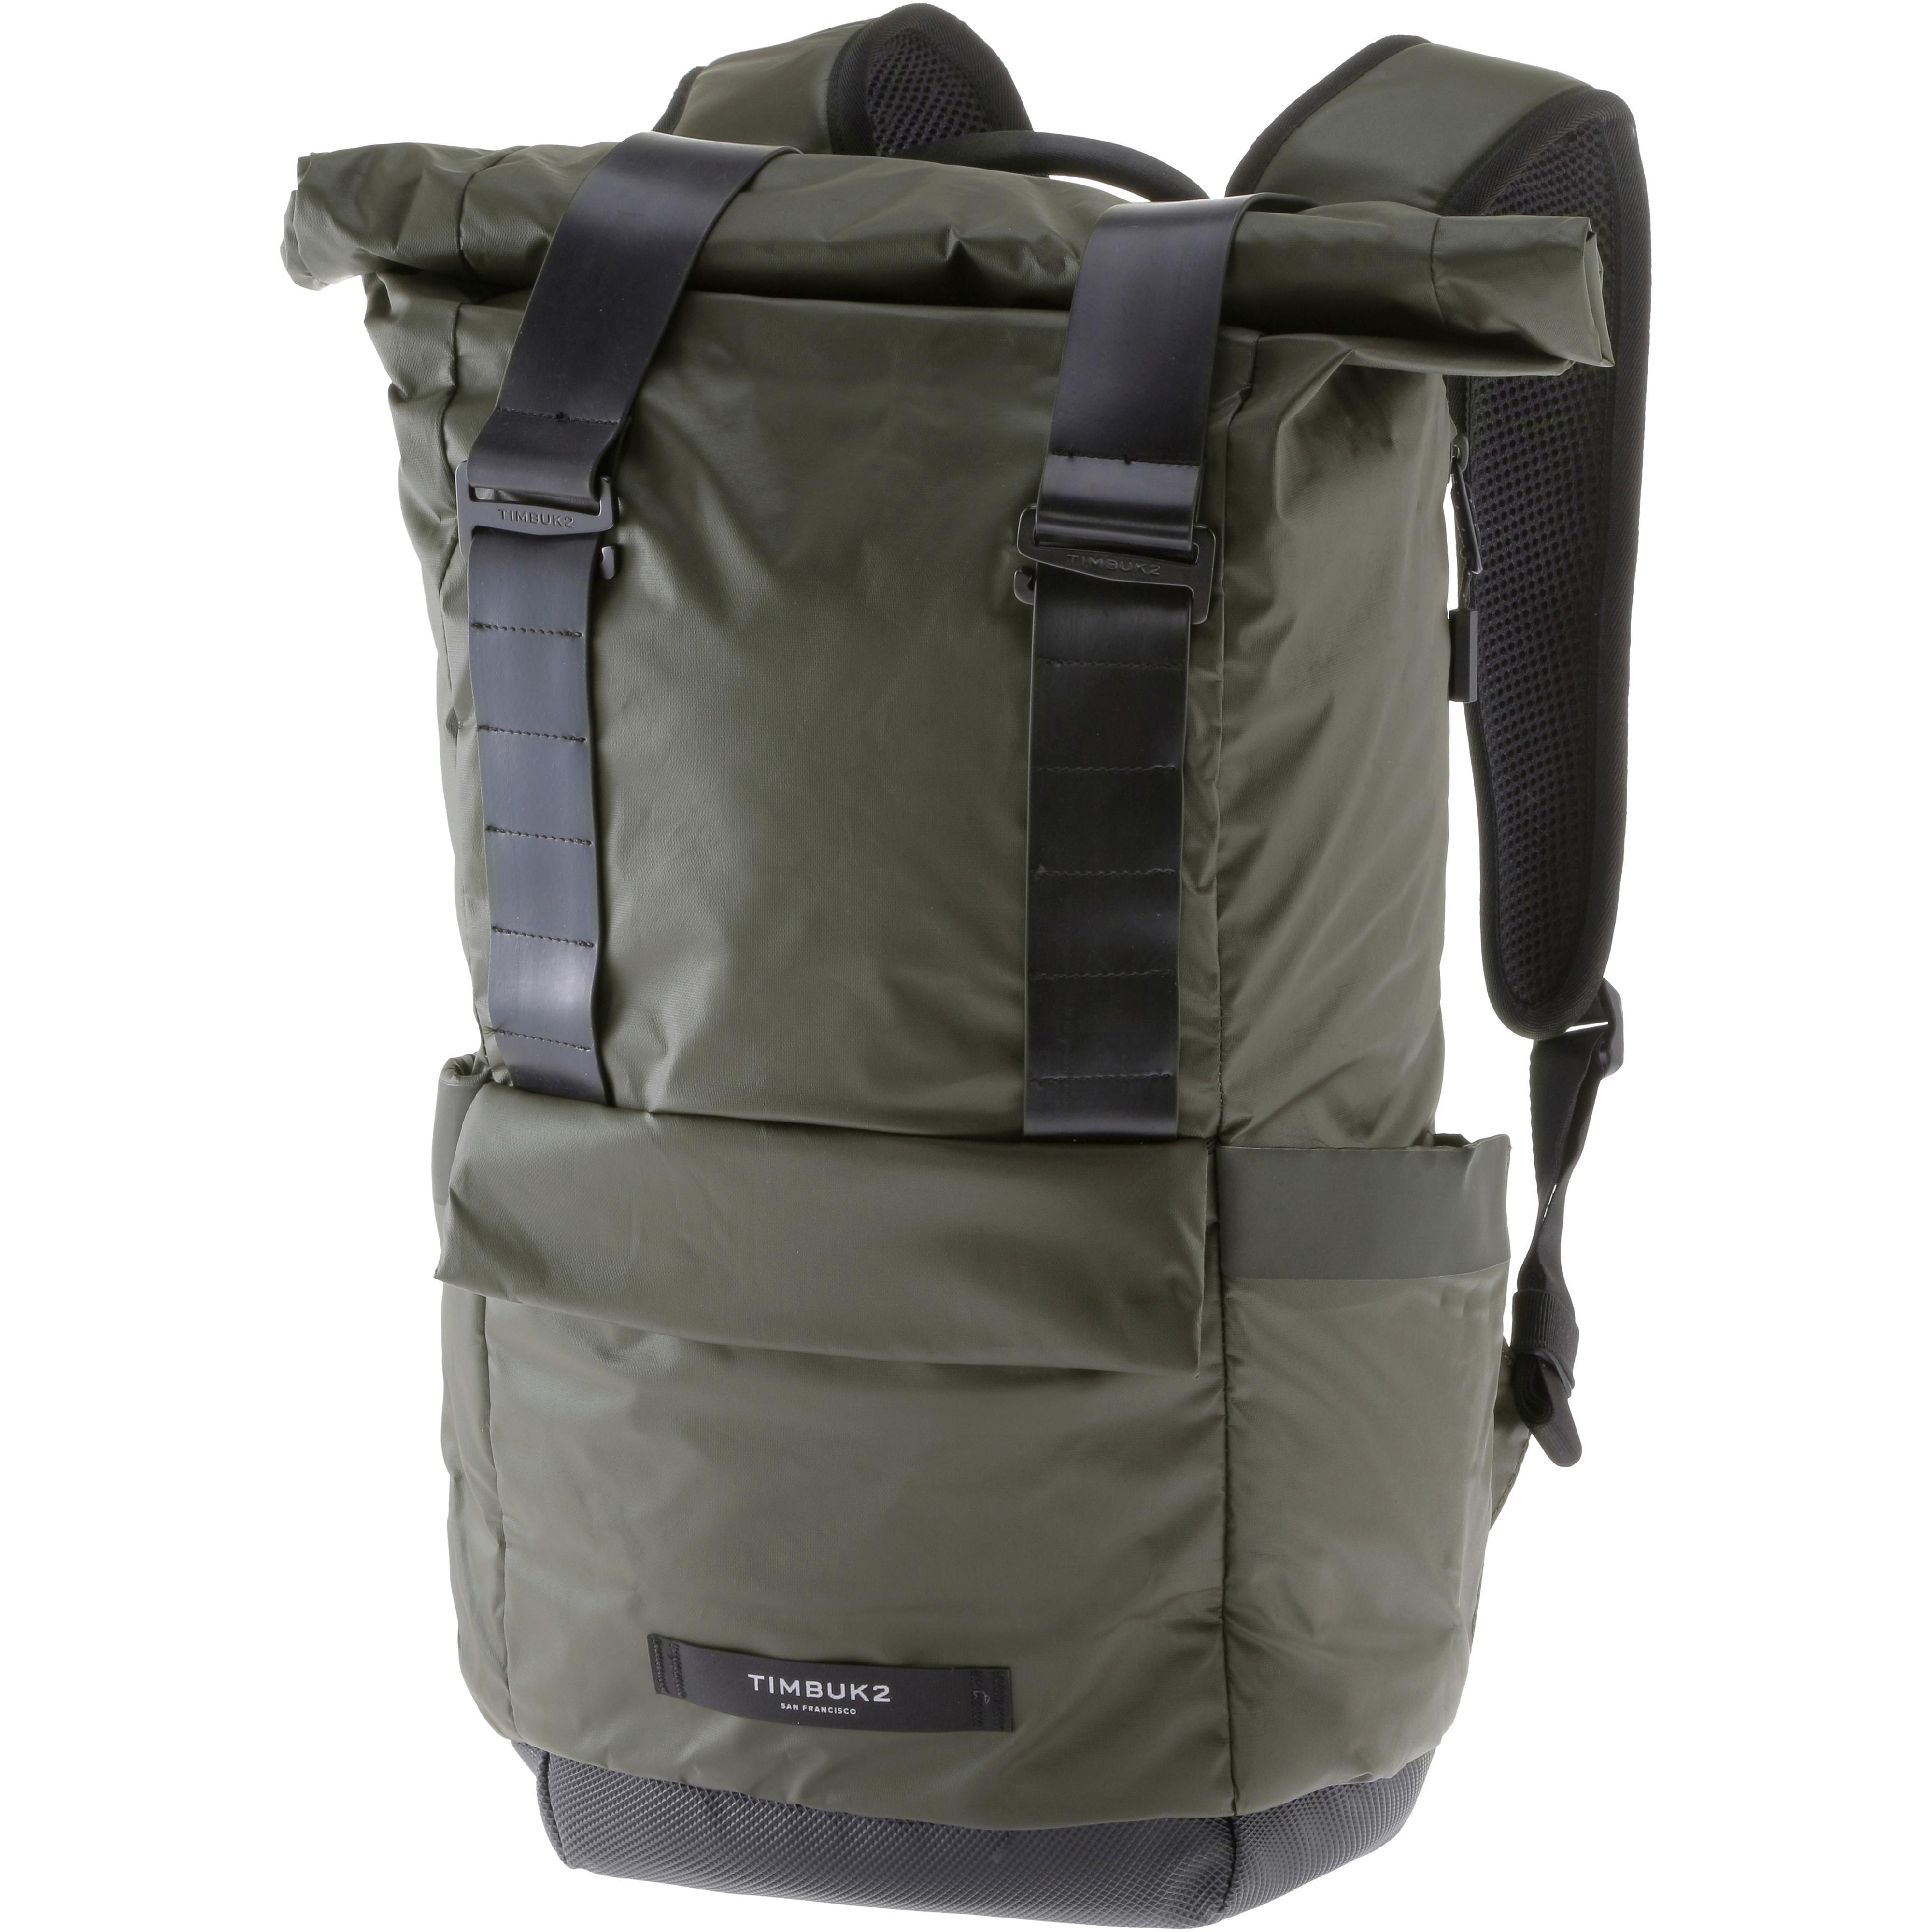 Timbuk2 Taschen und Rucksäcke |